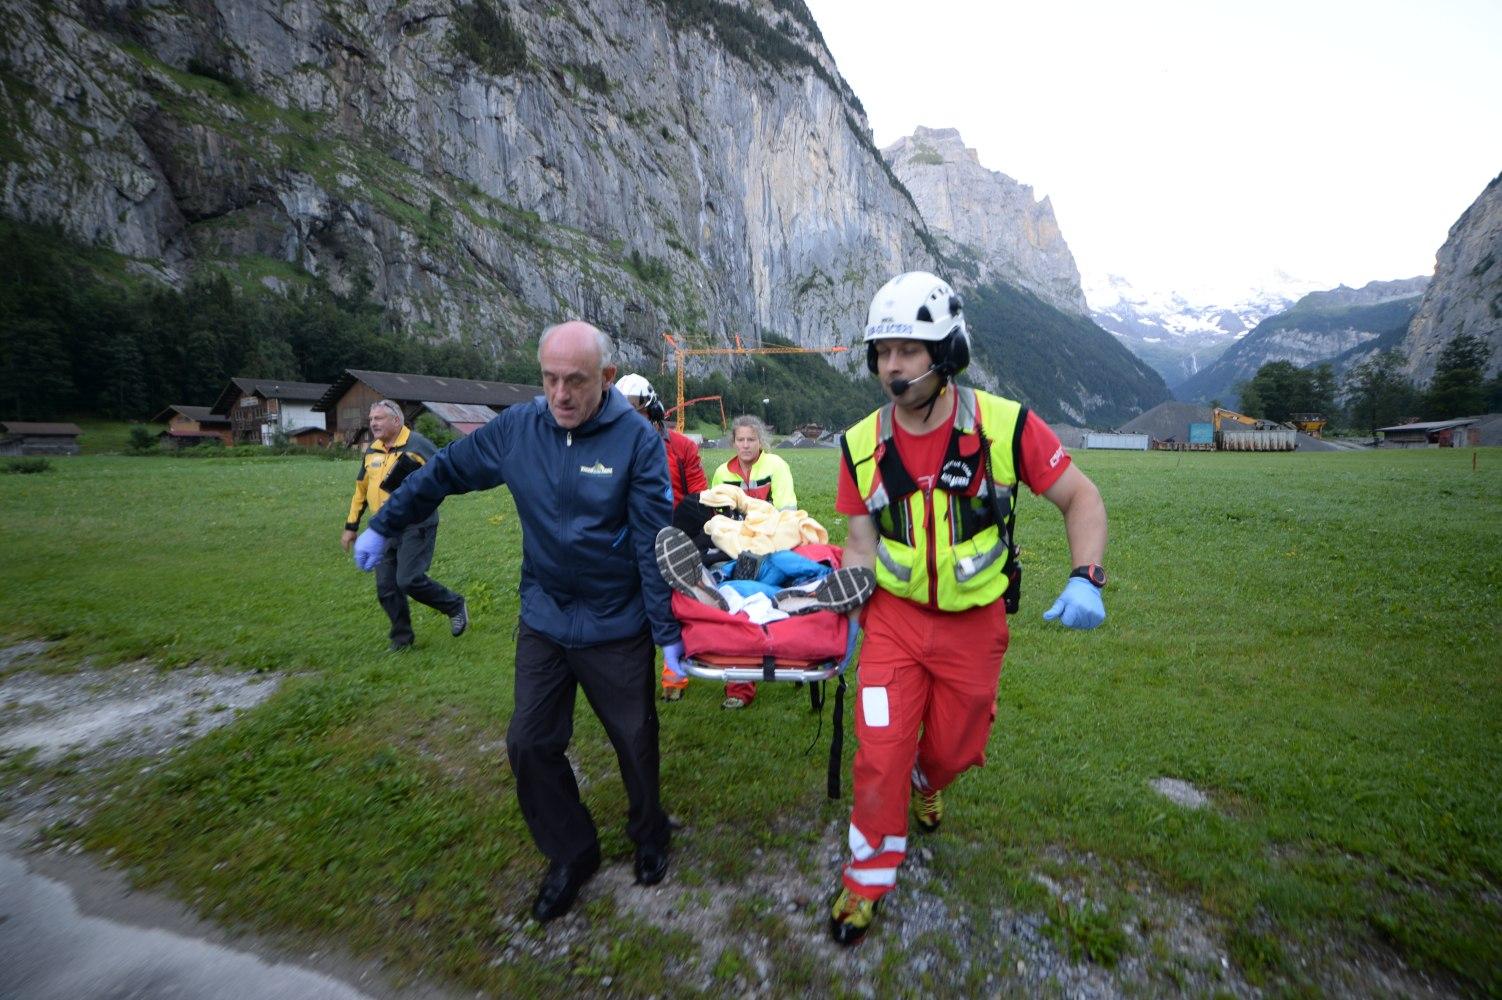 Florida BASE Jumper Injured, Stranded on Swiss Alps for 13 ...